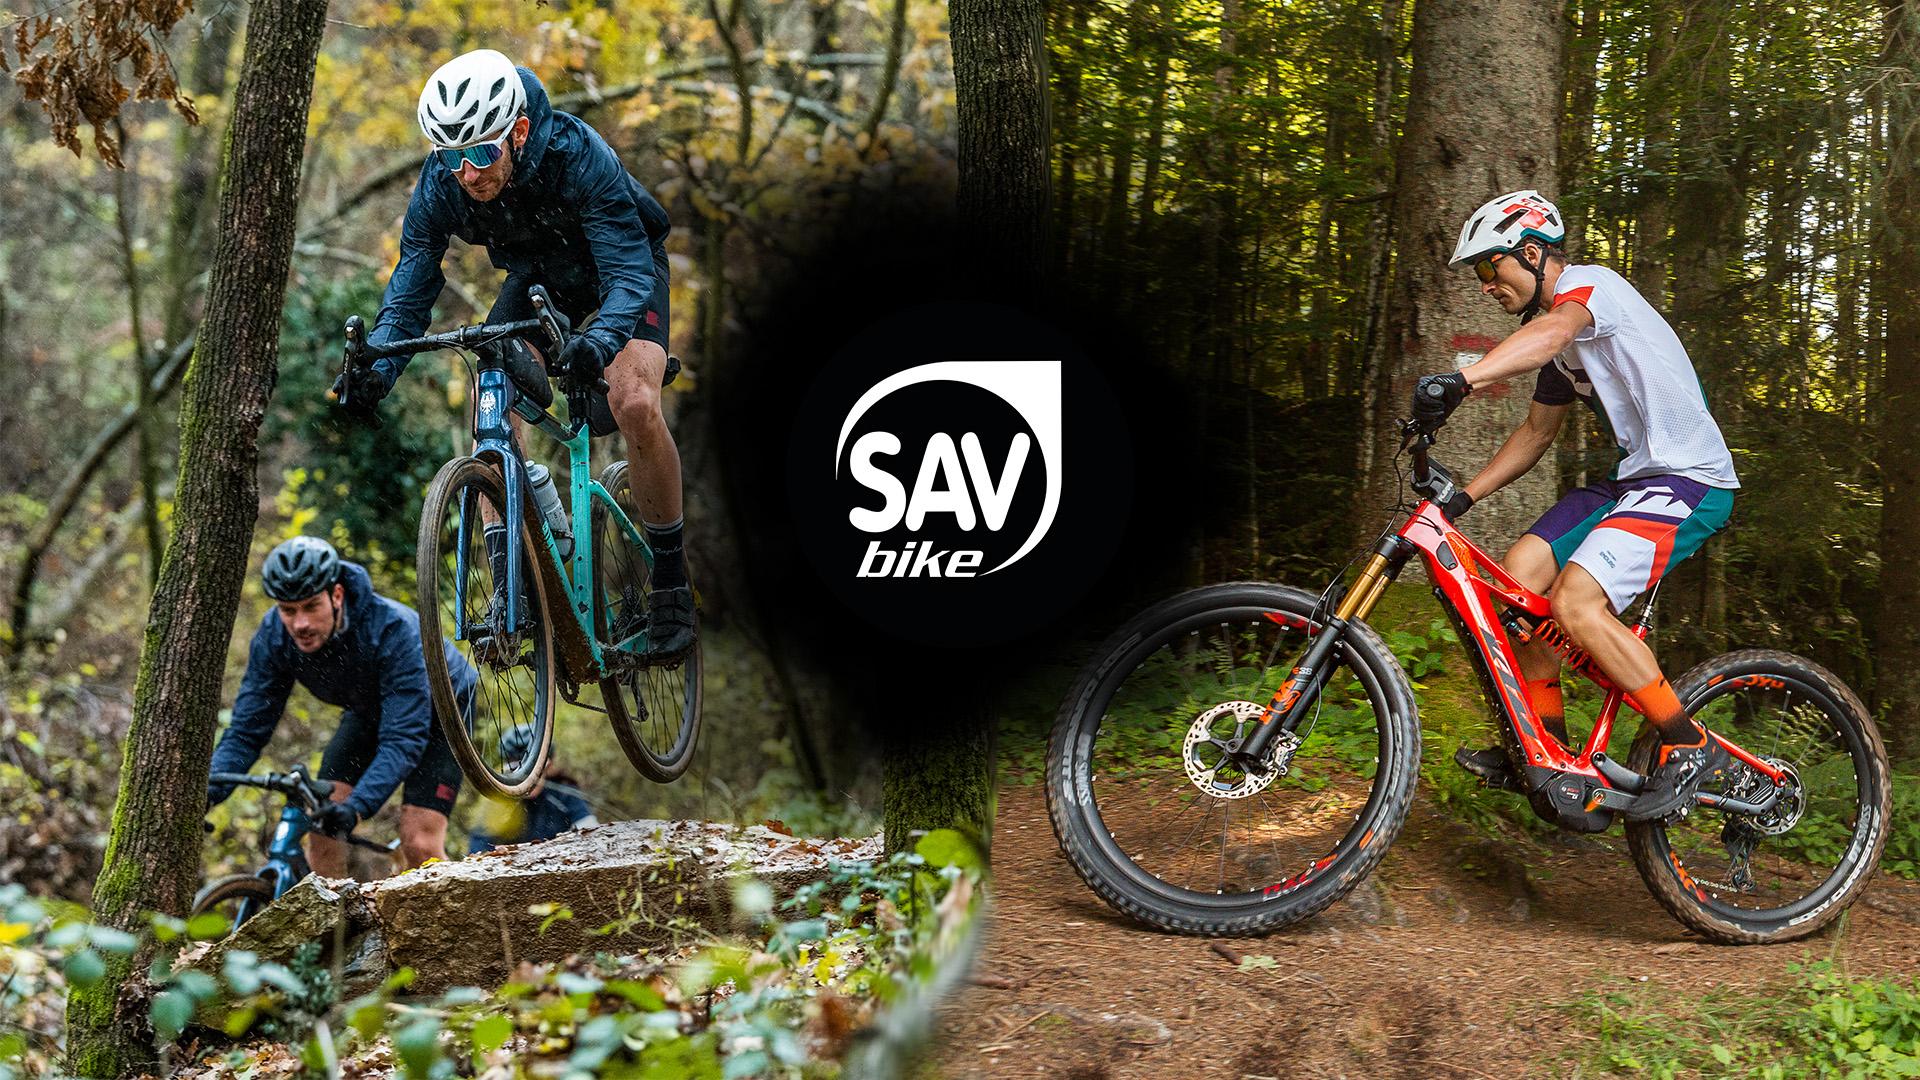 SAV Bike, negozio specializzato biciclette